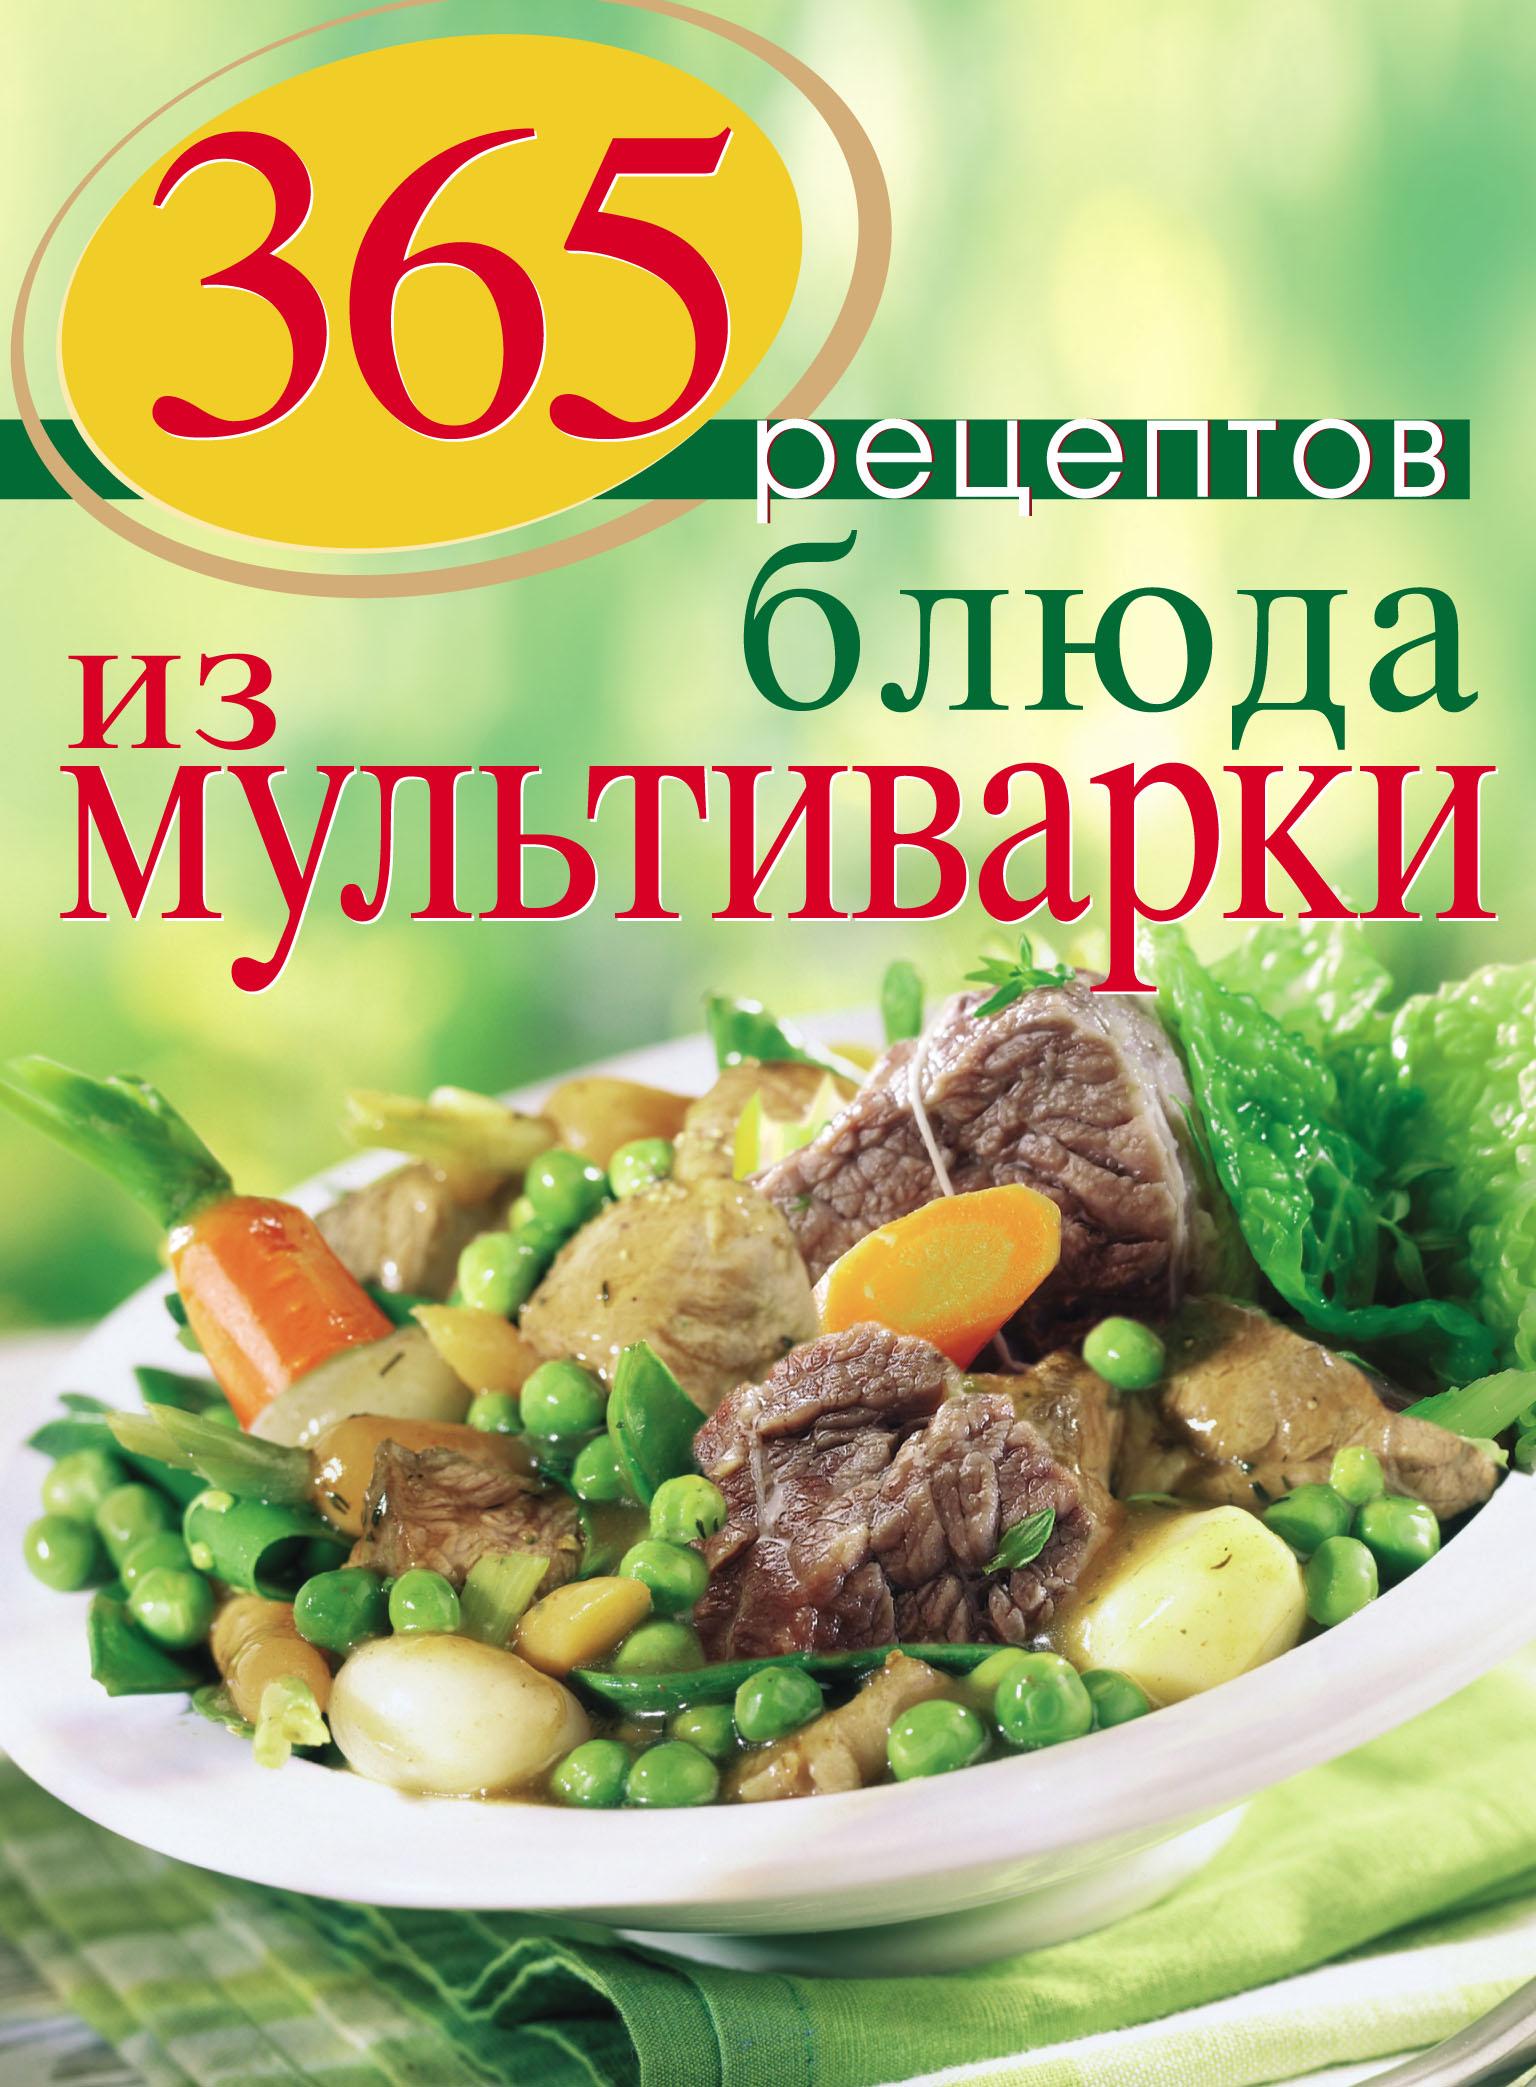 Блюда из мультиварки